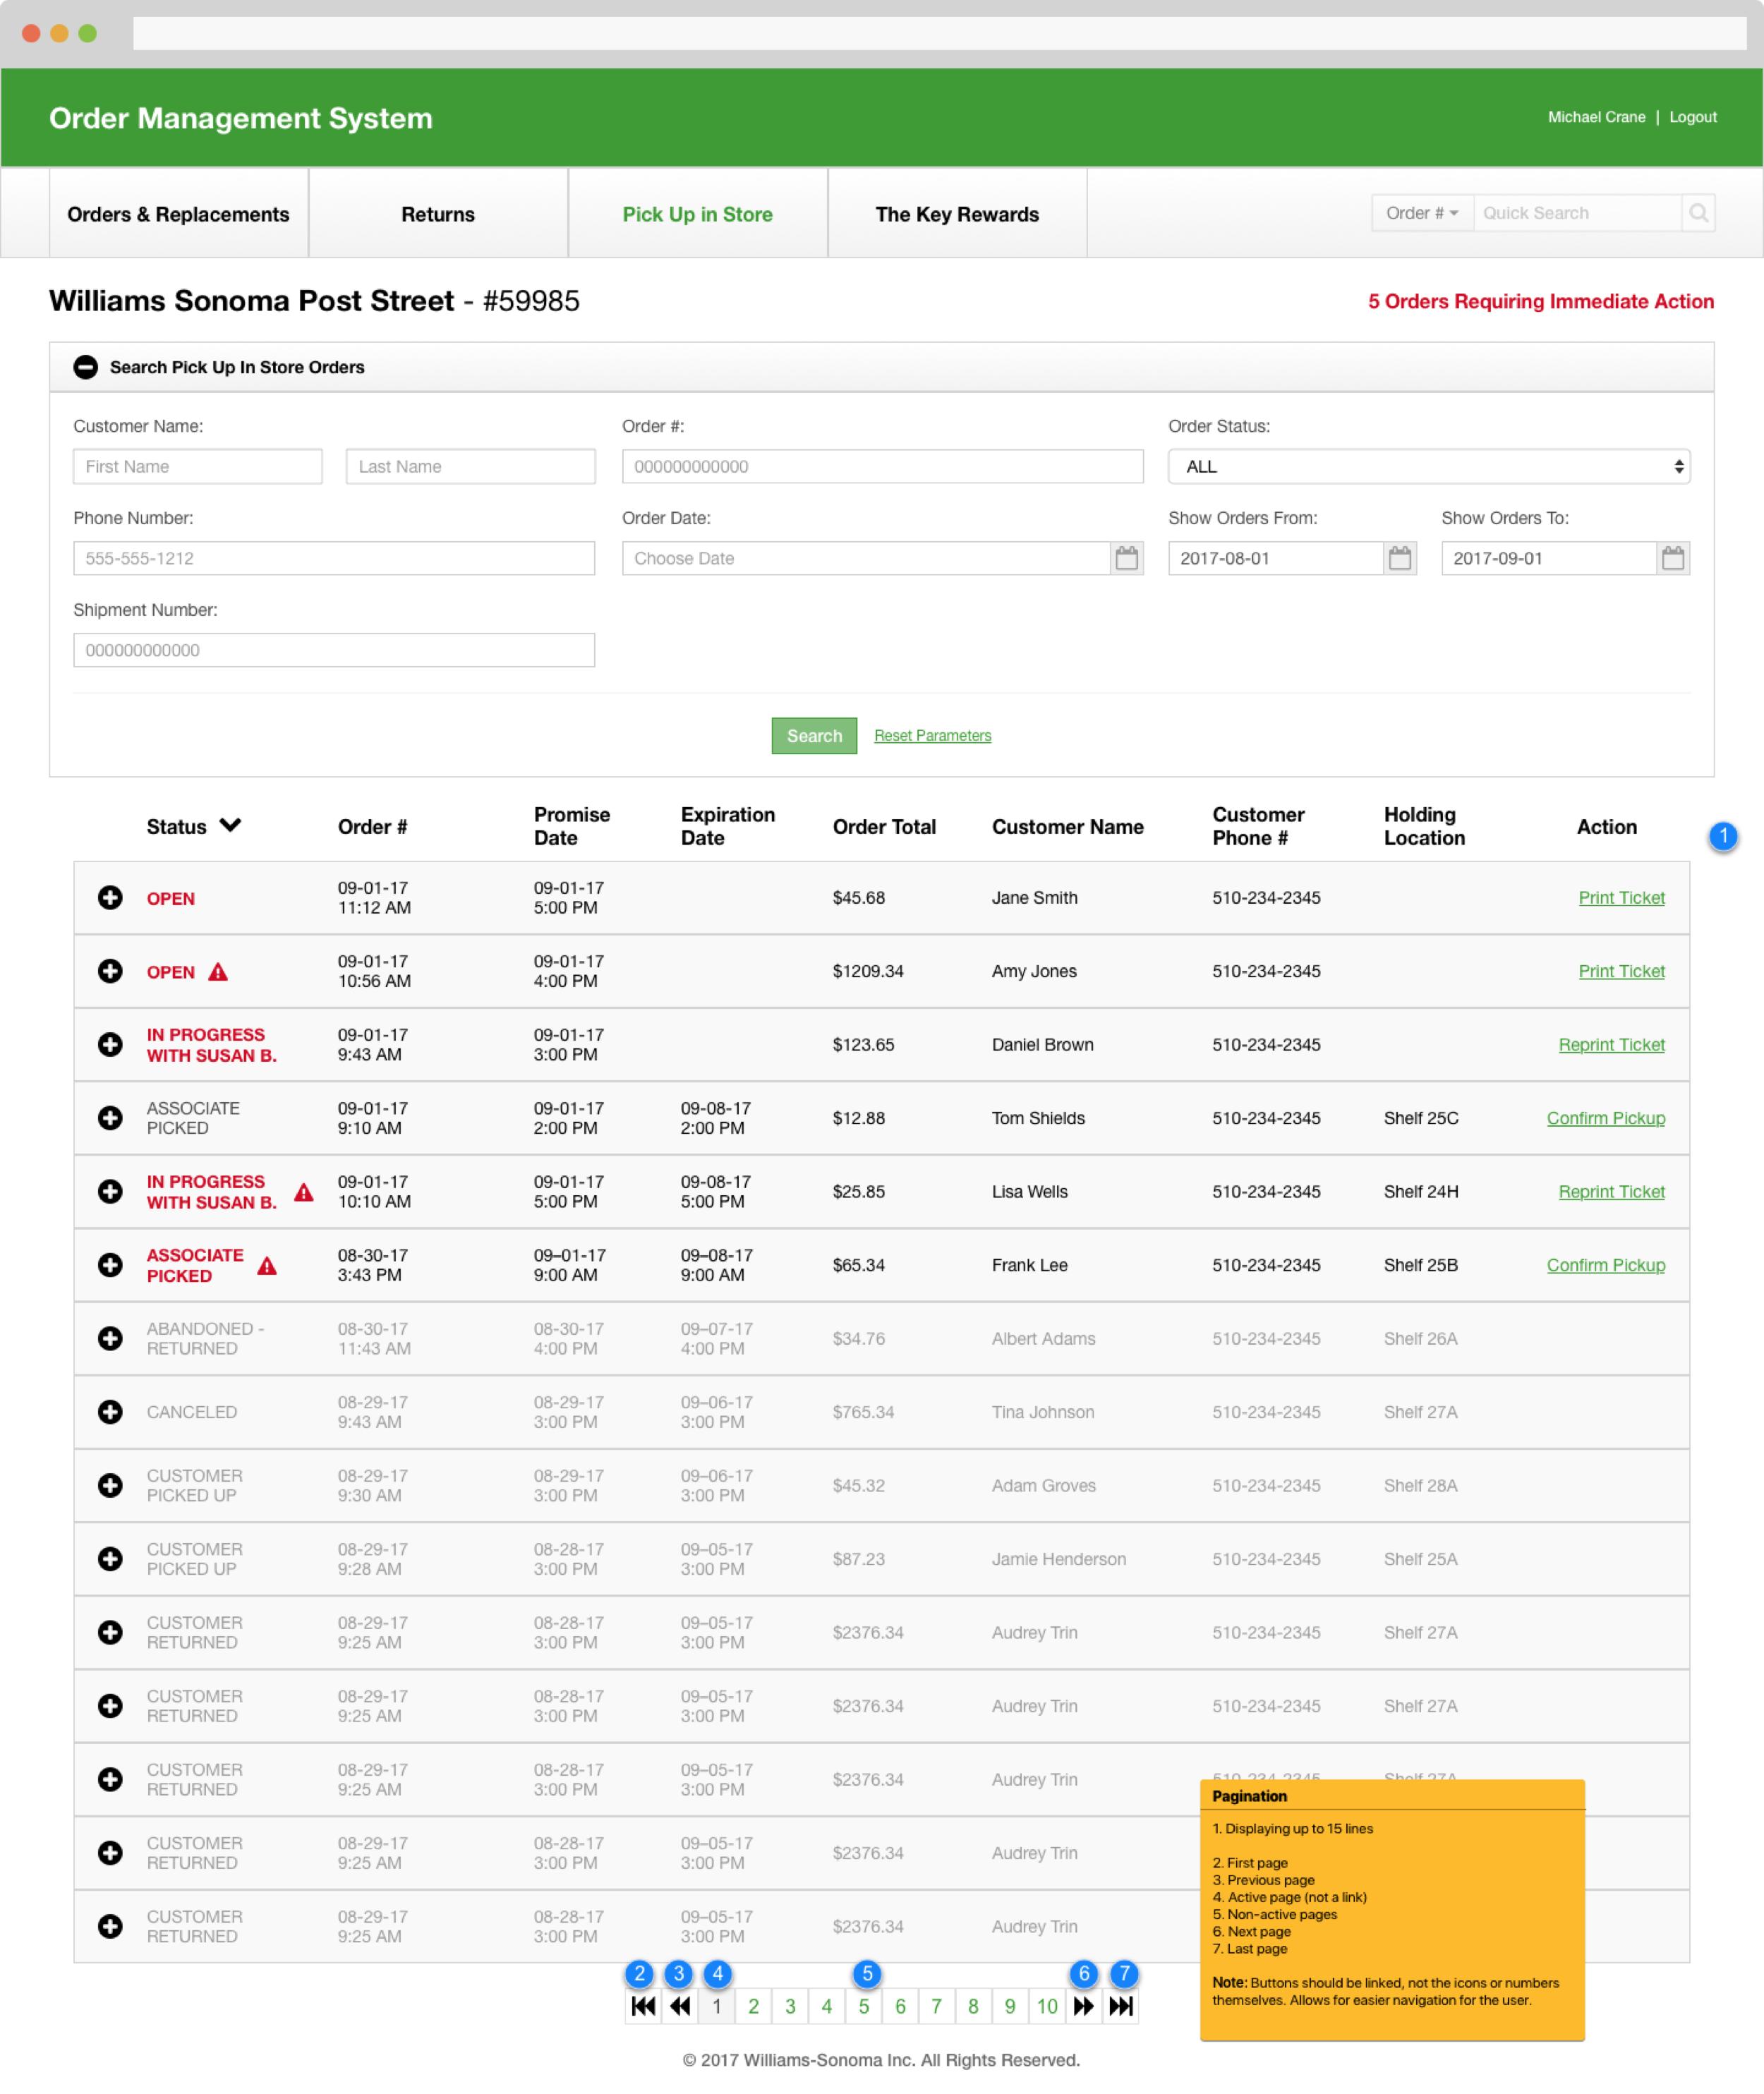 05 BOPIS Order Search Results - Range